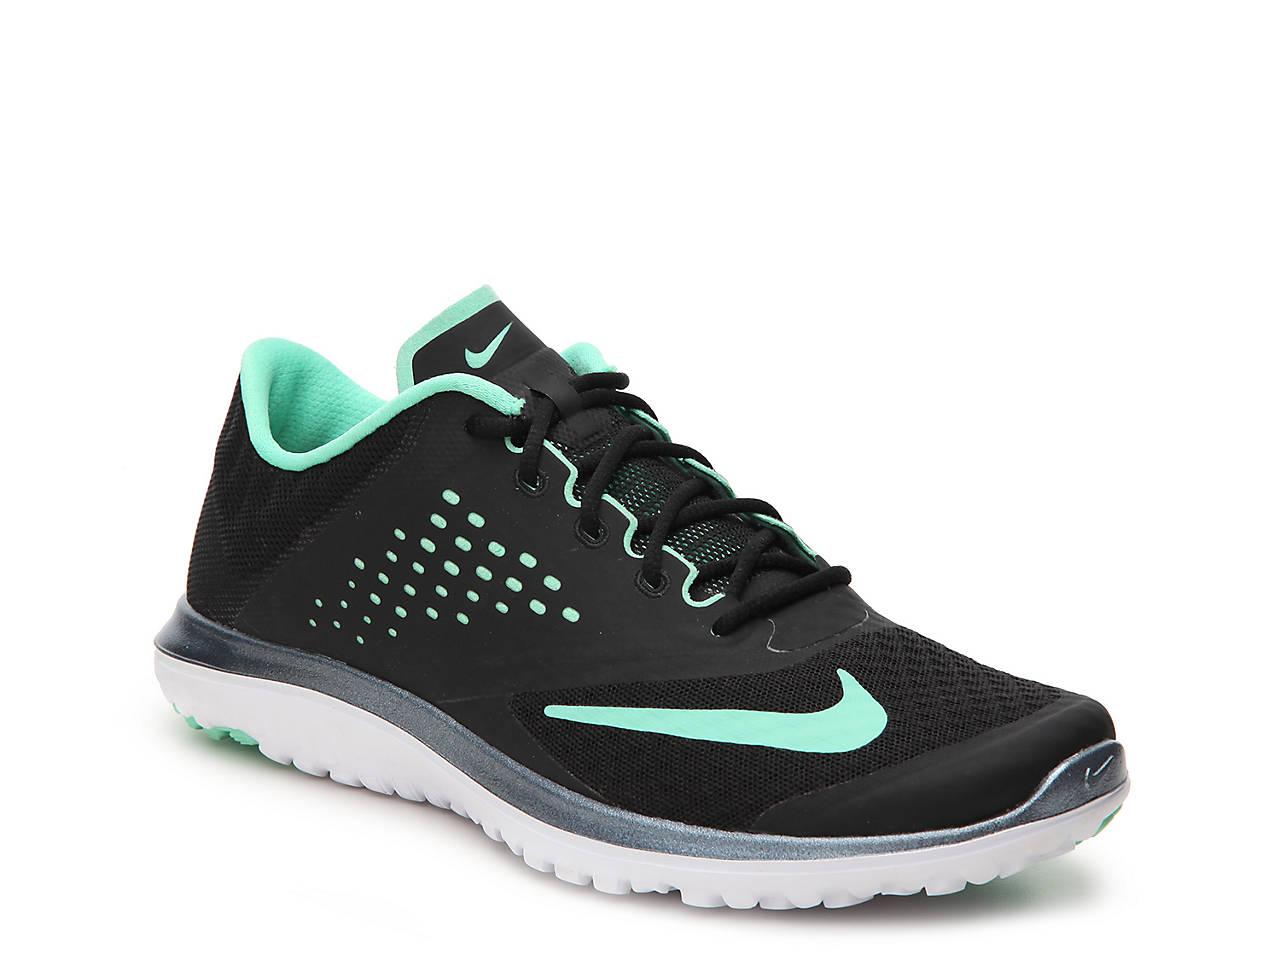 hot sale online fbf53 248a3 FS Lite Run 2 Premium Lightweight Running Shoe - Women's